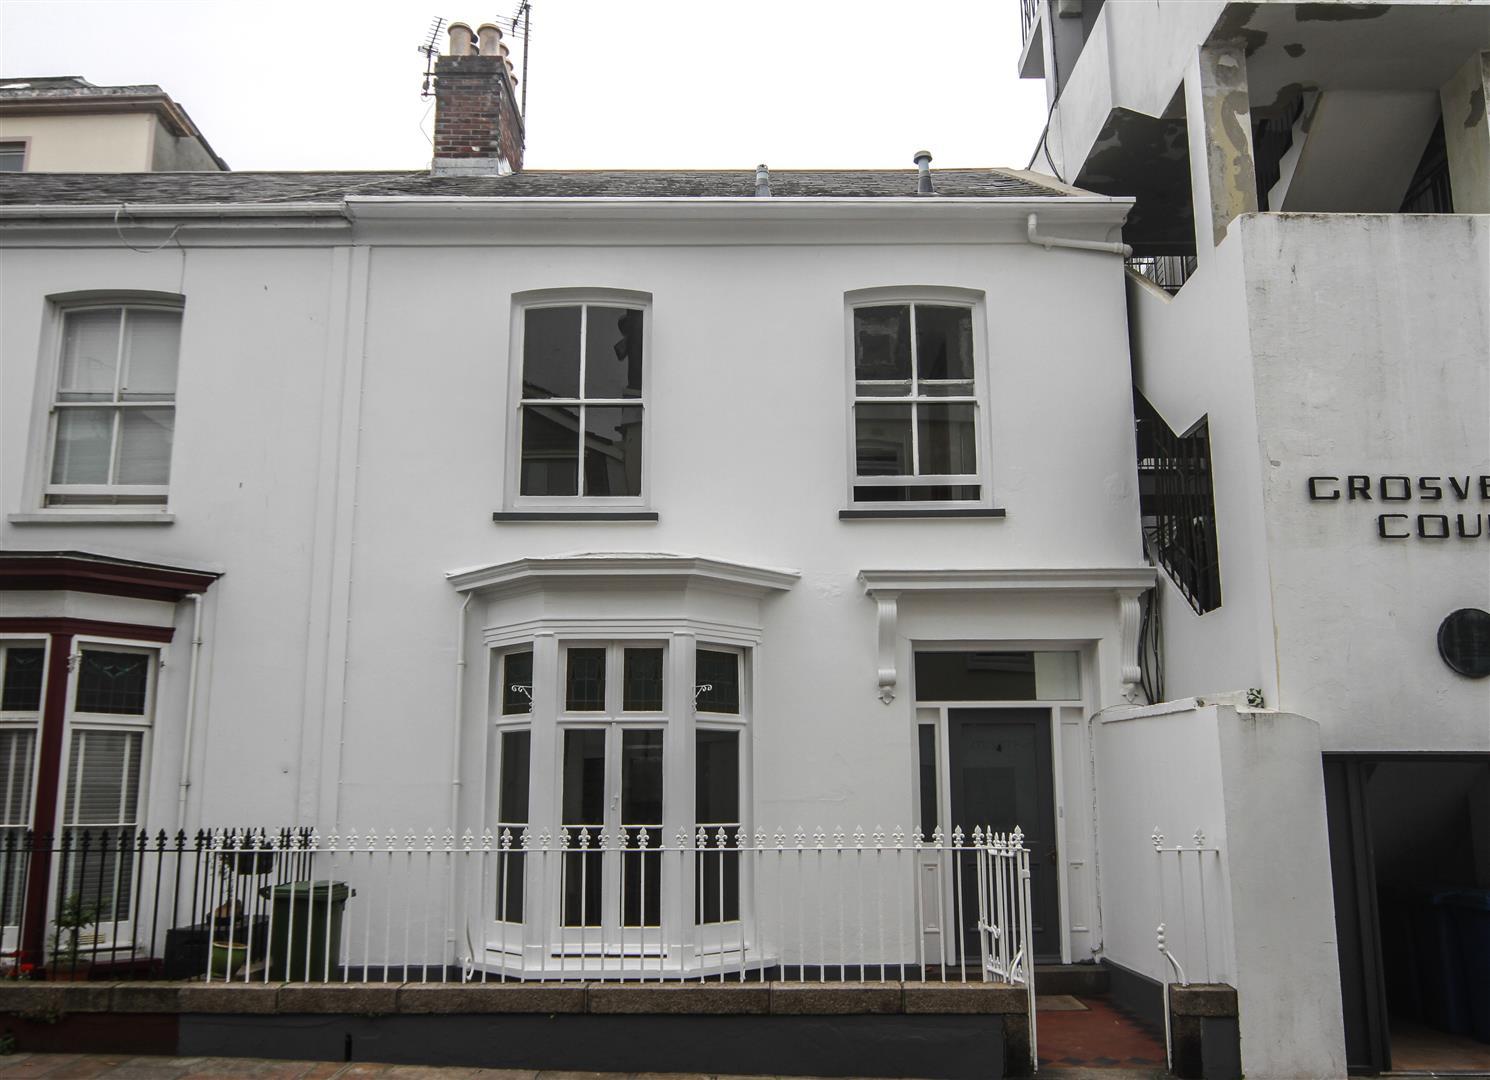 Grosvenor Street, St. Helier, Jersey